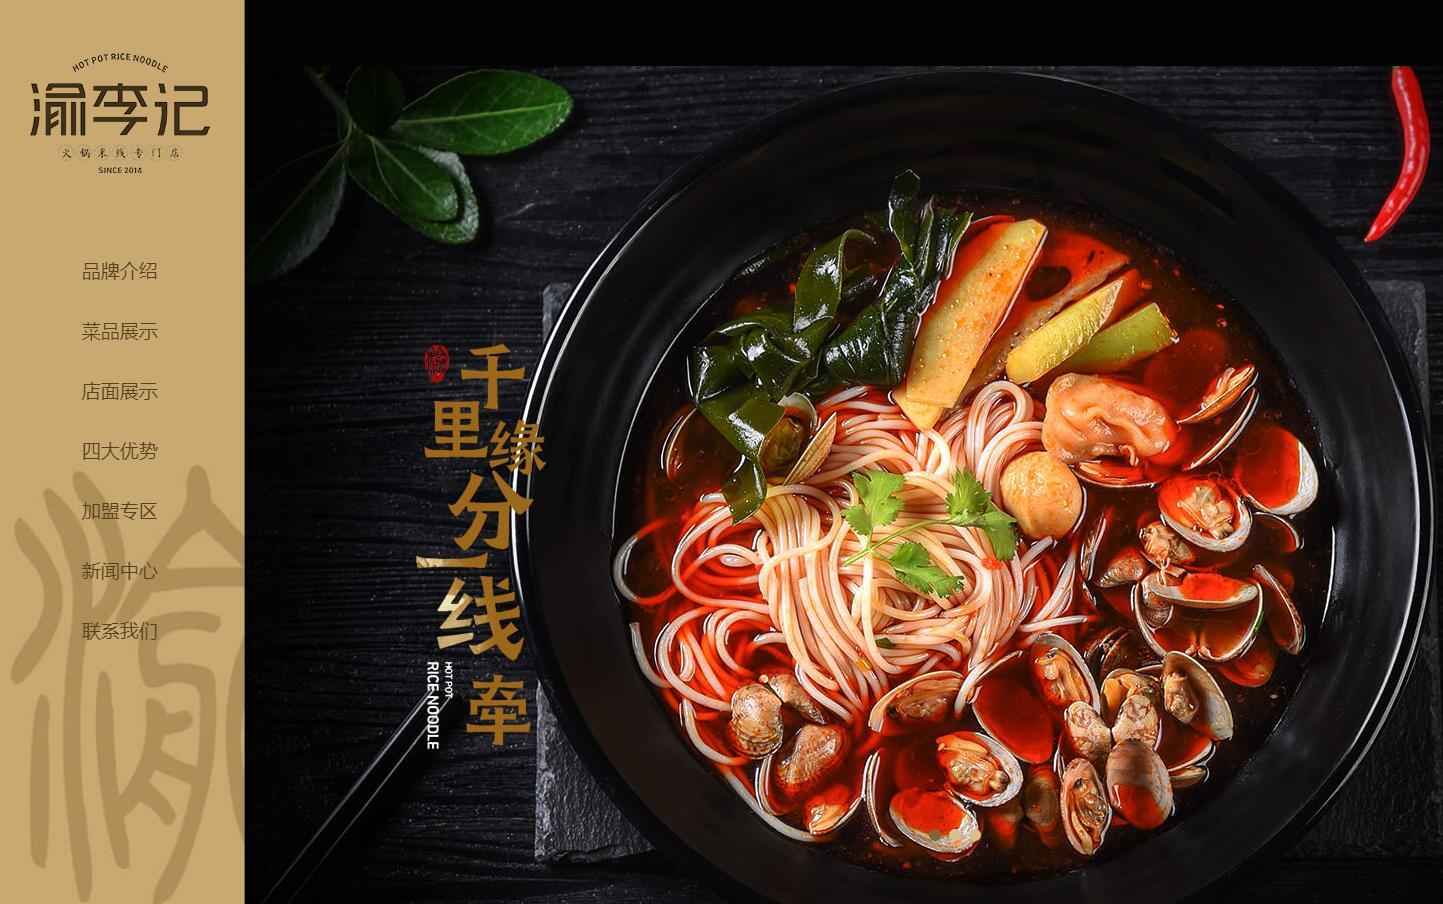 渝李记火锅米线官方网站